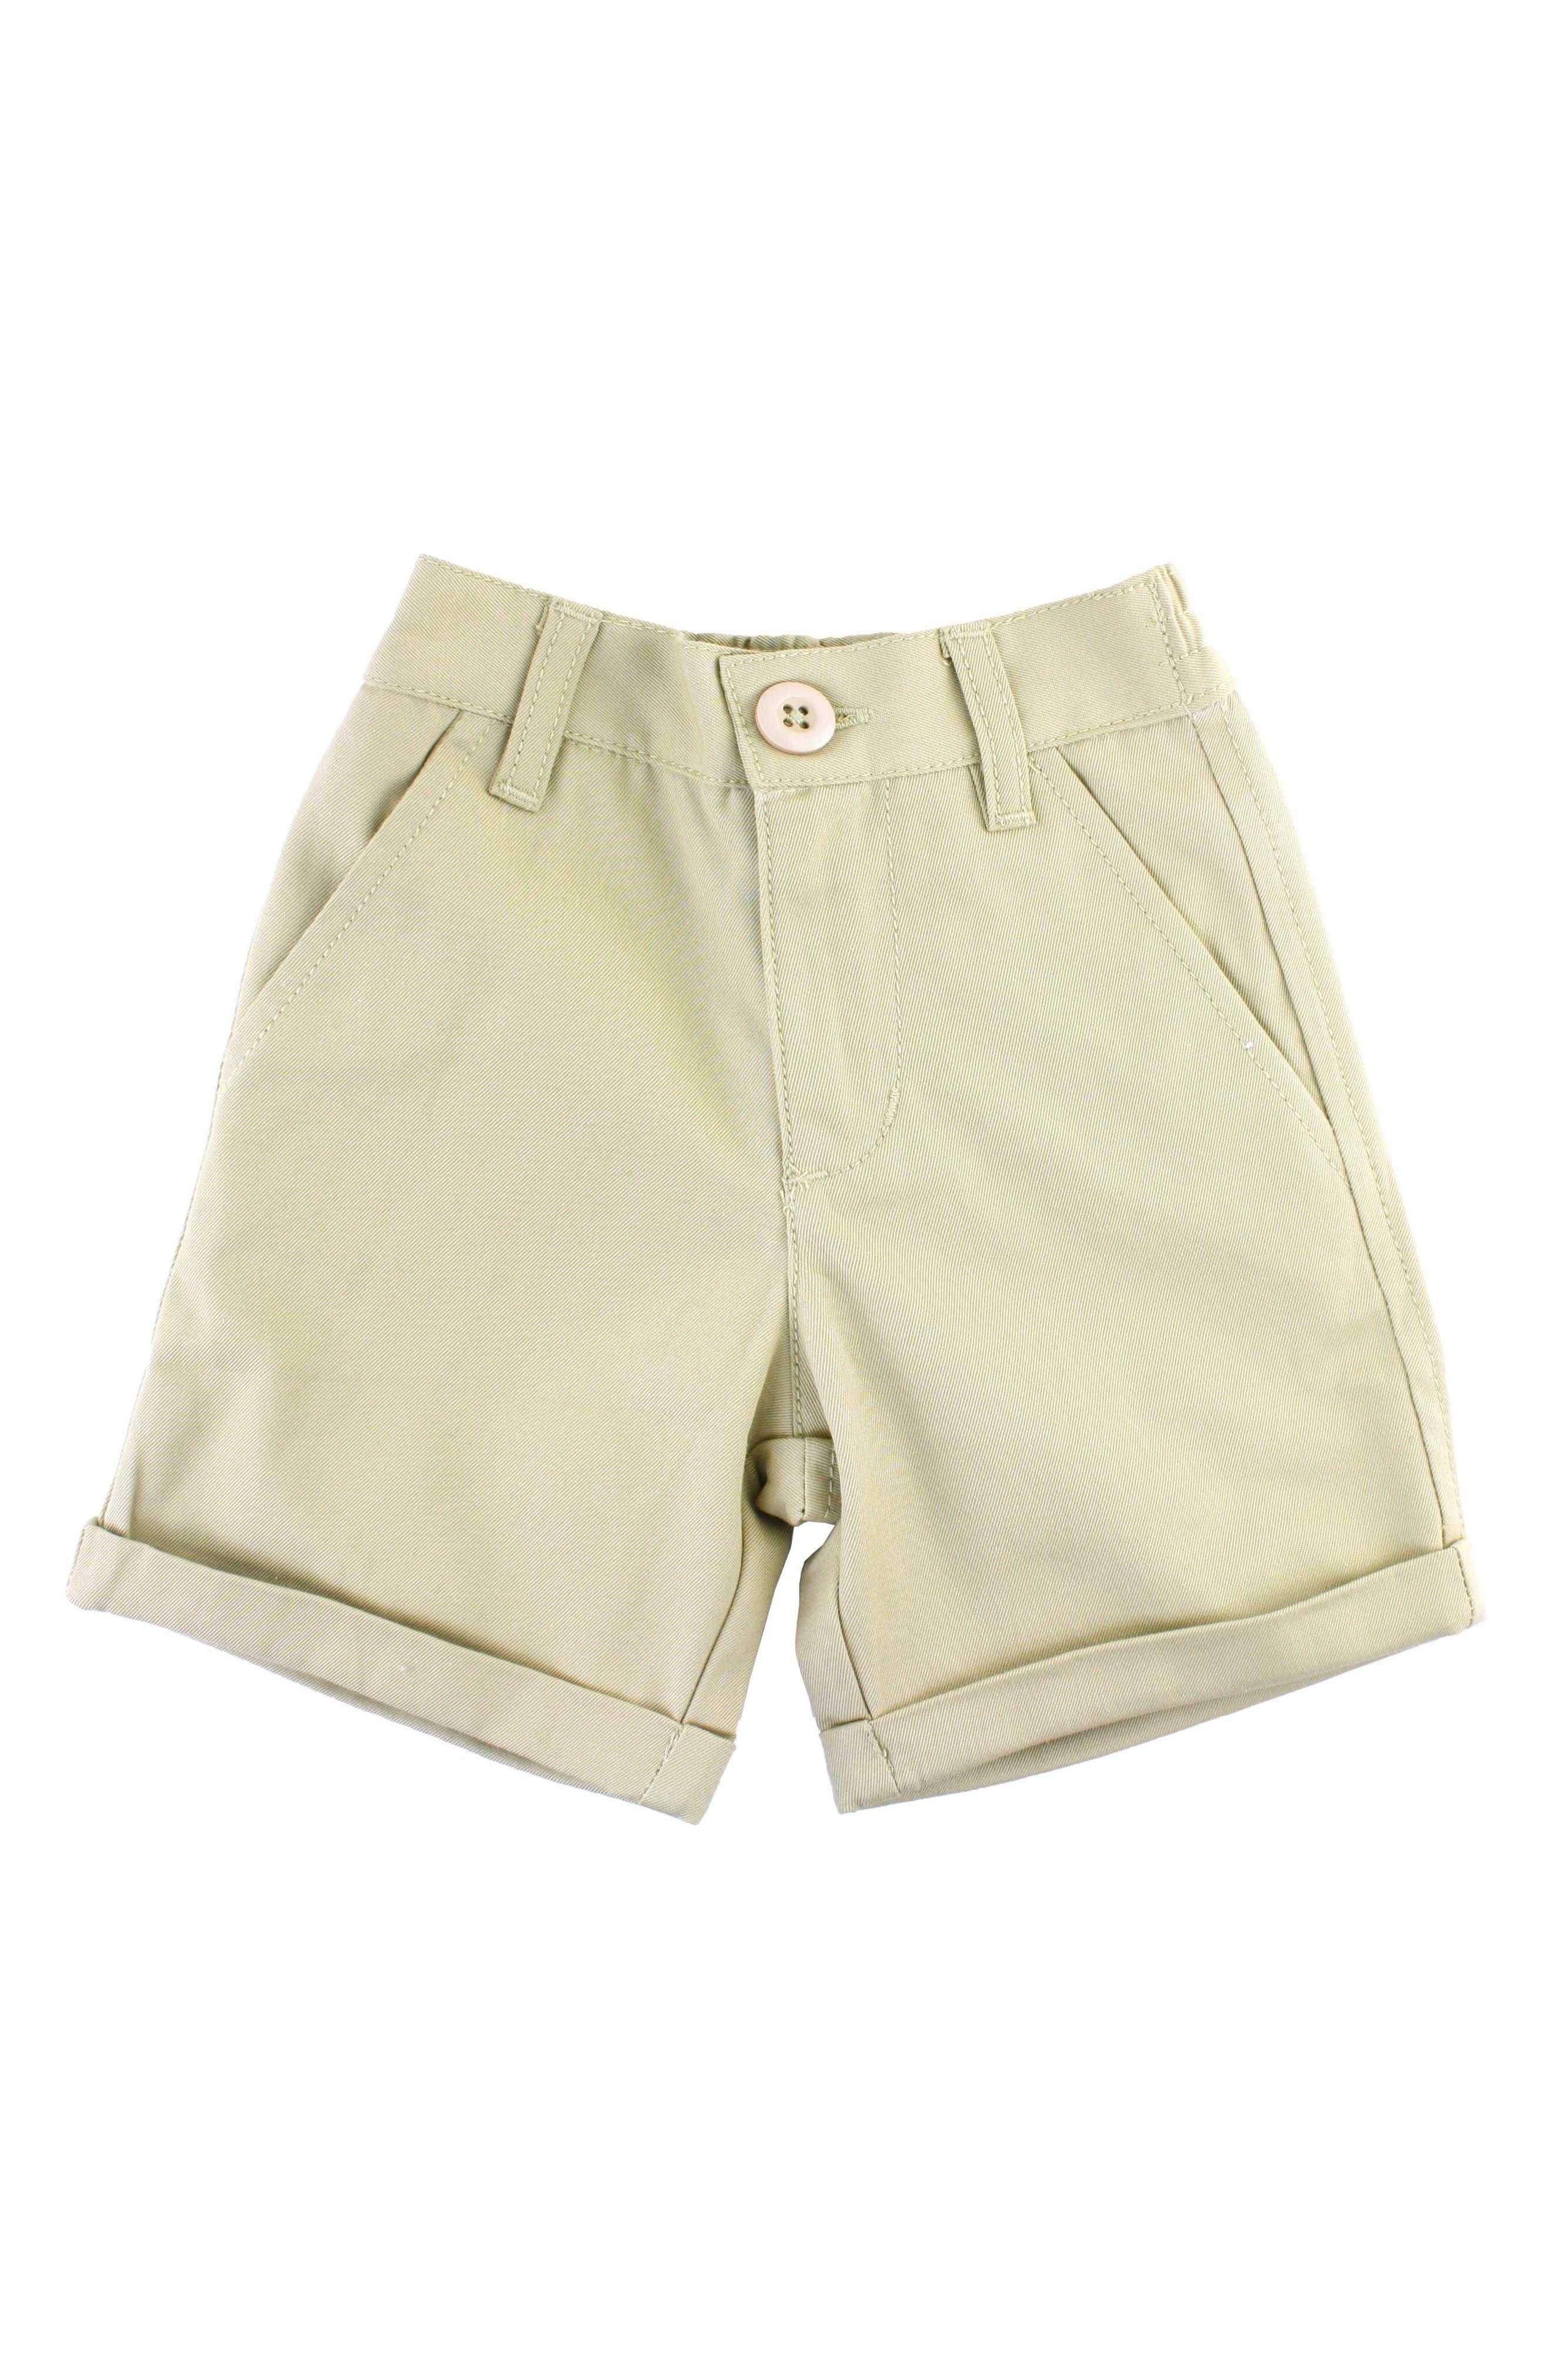 Chino Shorts,                             Main thumbnail 1, color,                             Natural